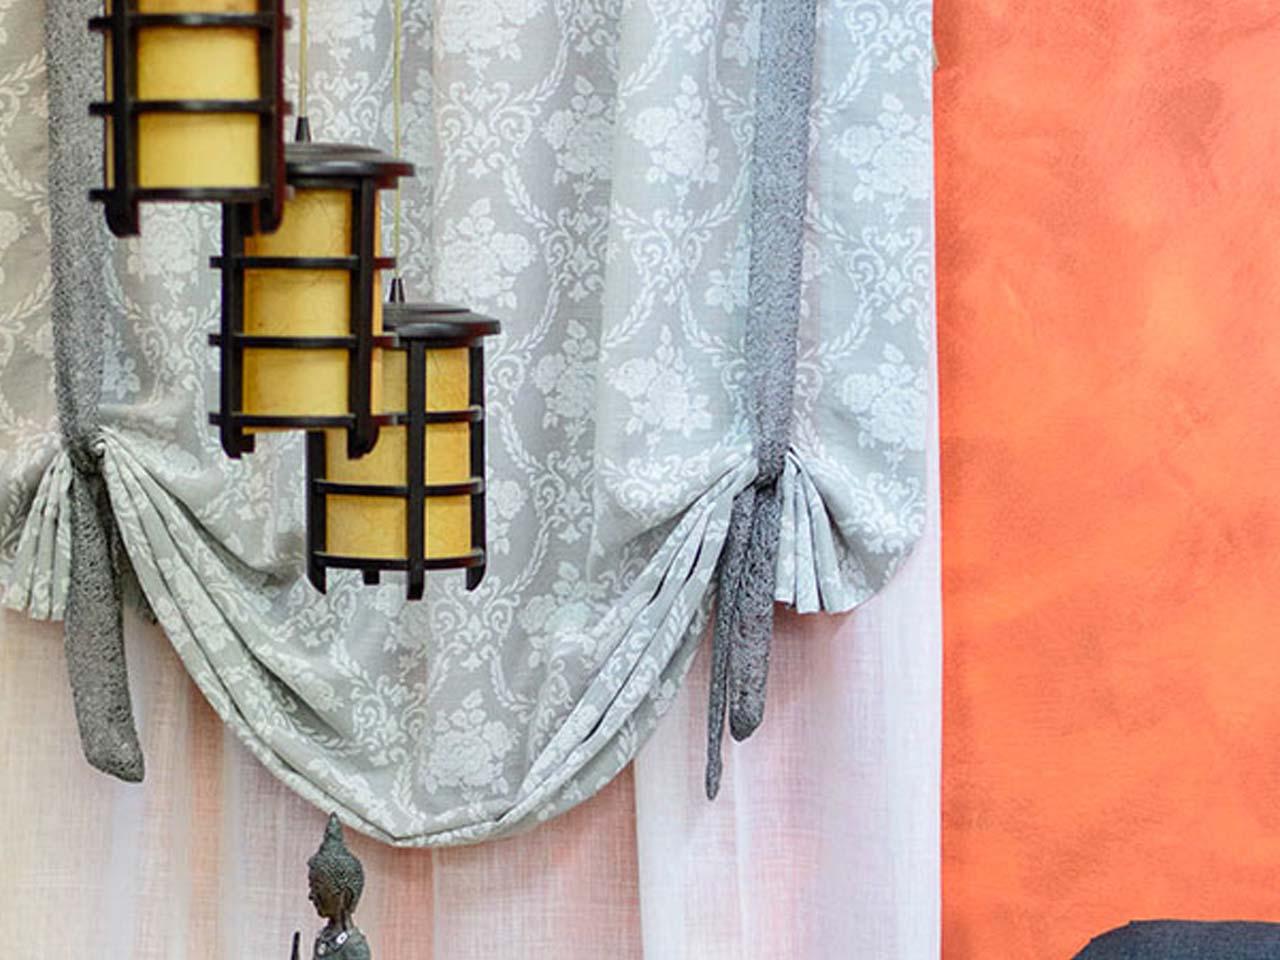 Cortines plegables grises sobre paret taronja amb fanals davant